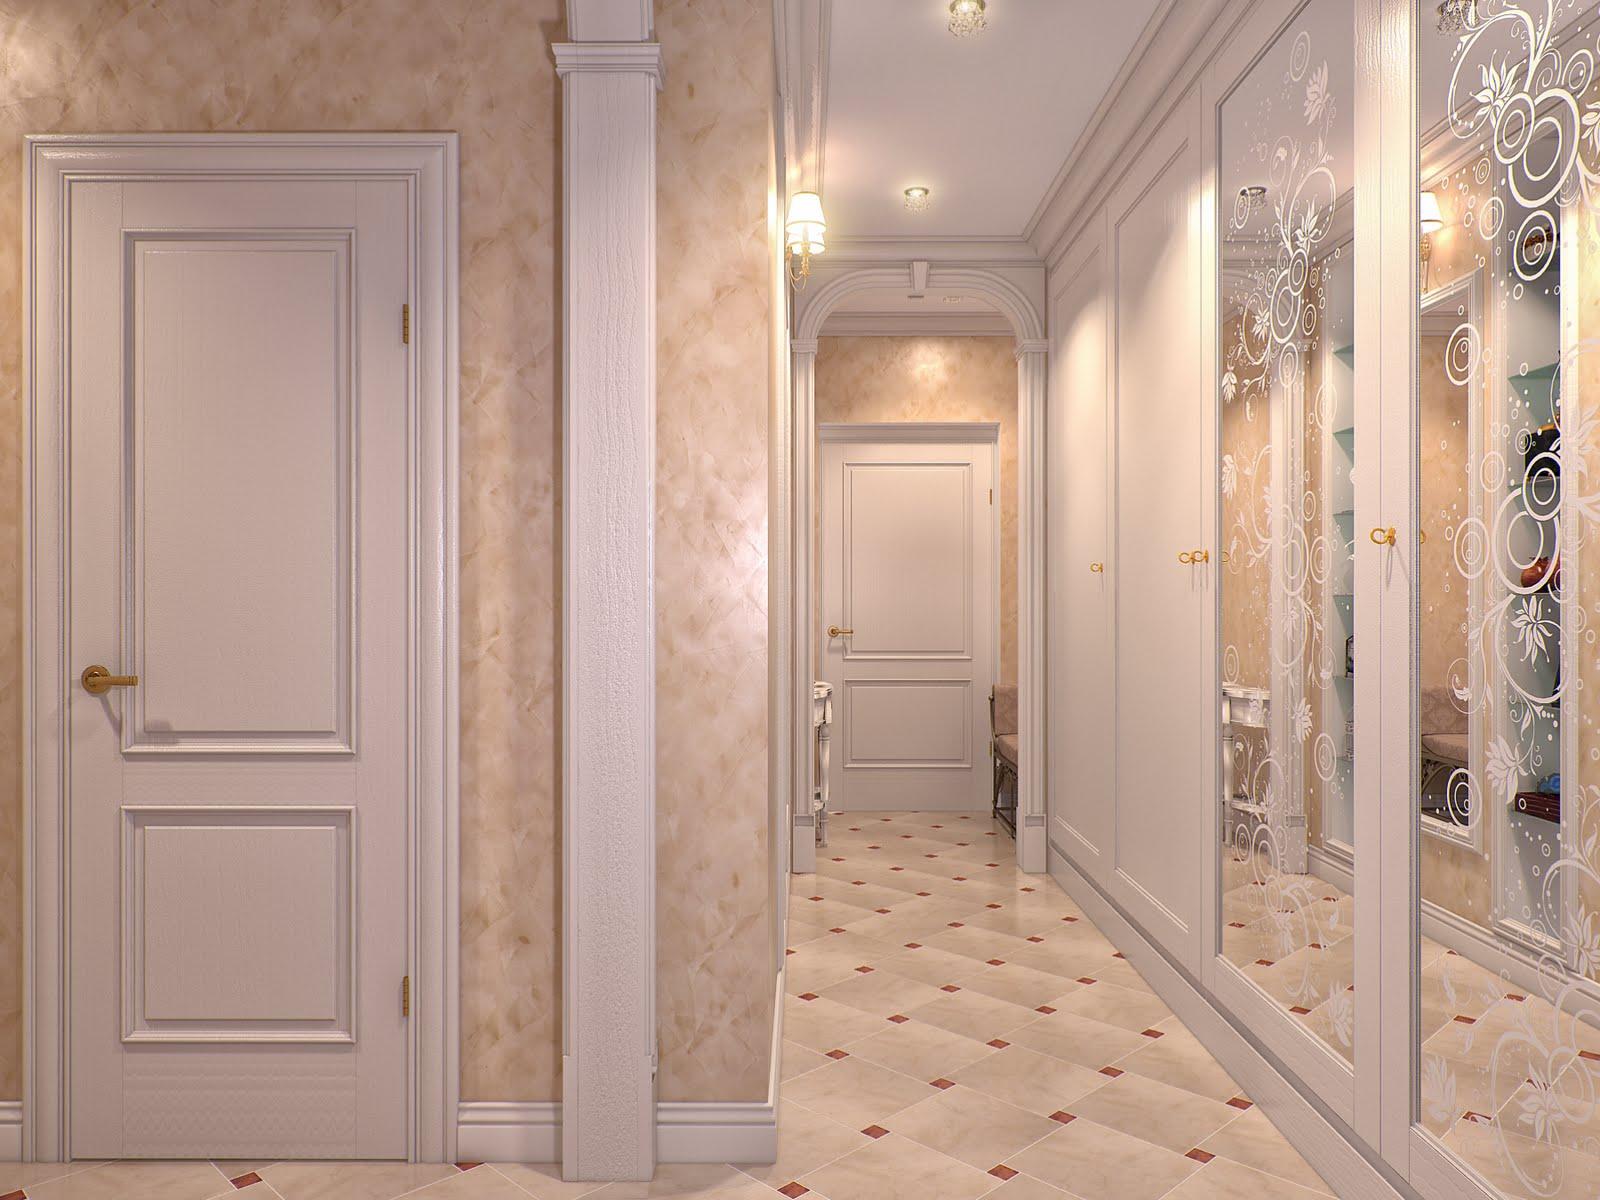 Декоративная штукатурка в коридоре в классическом стиле